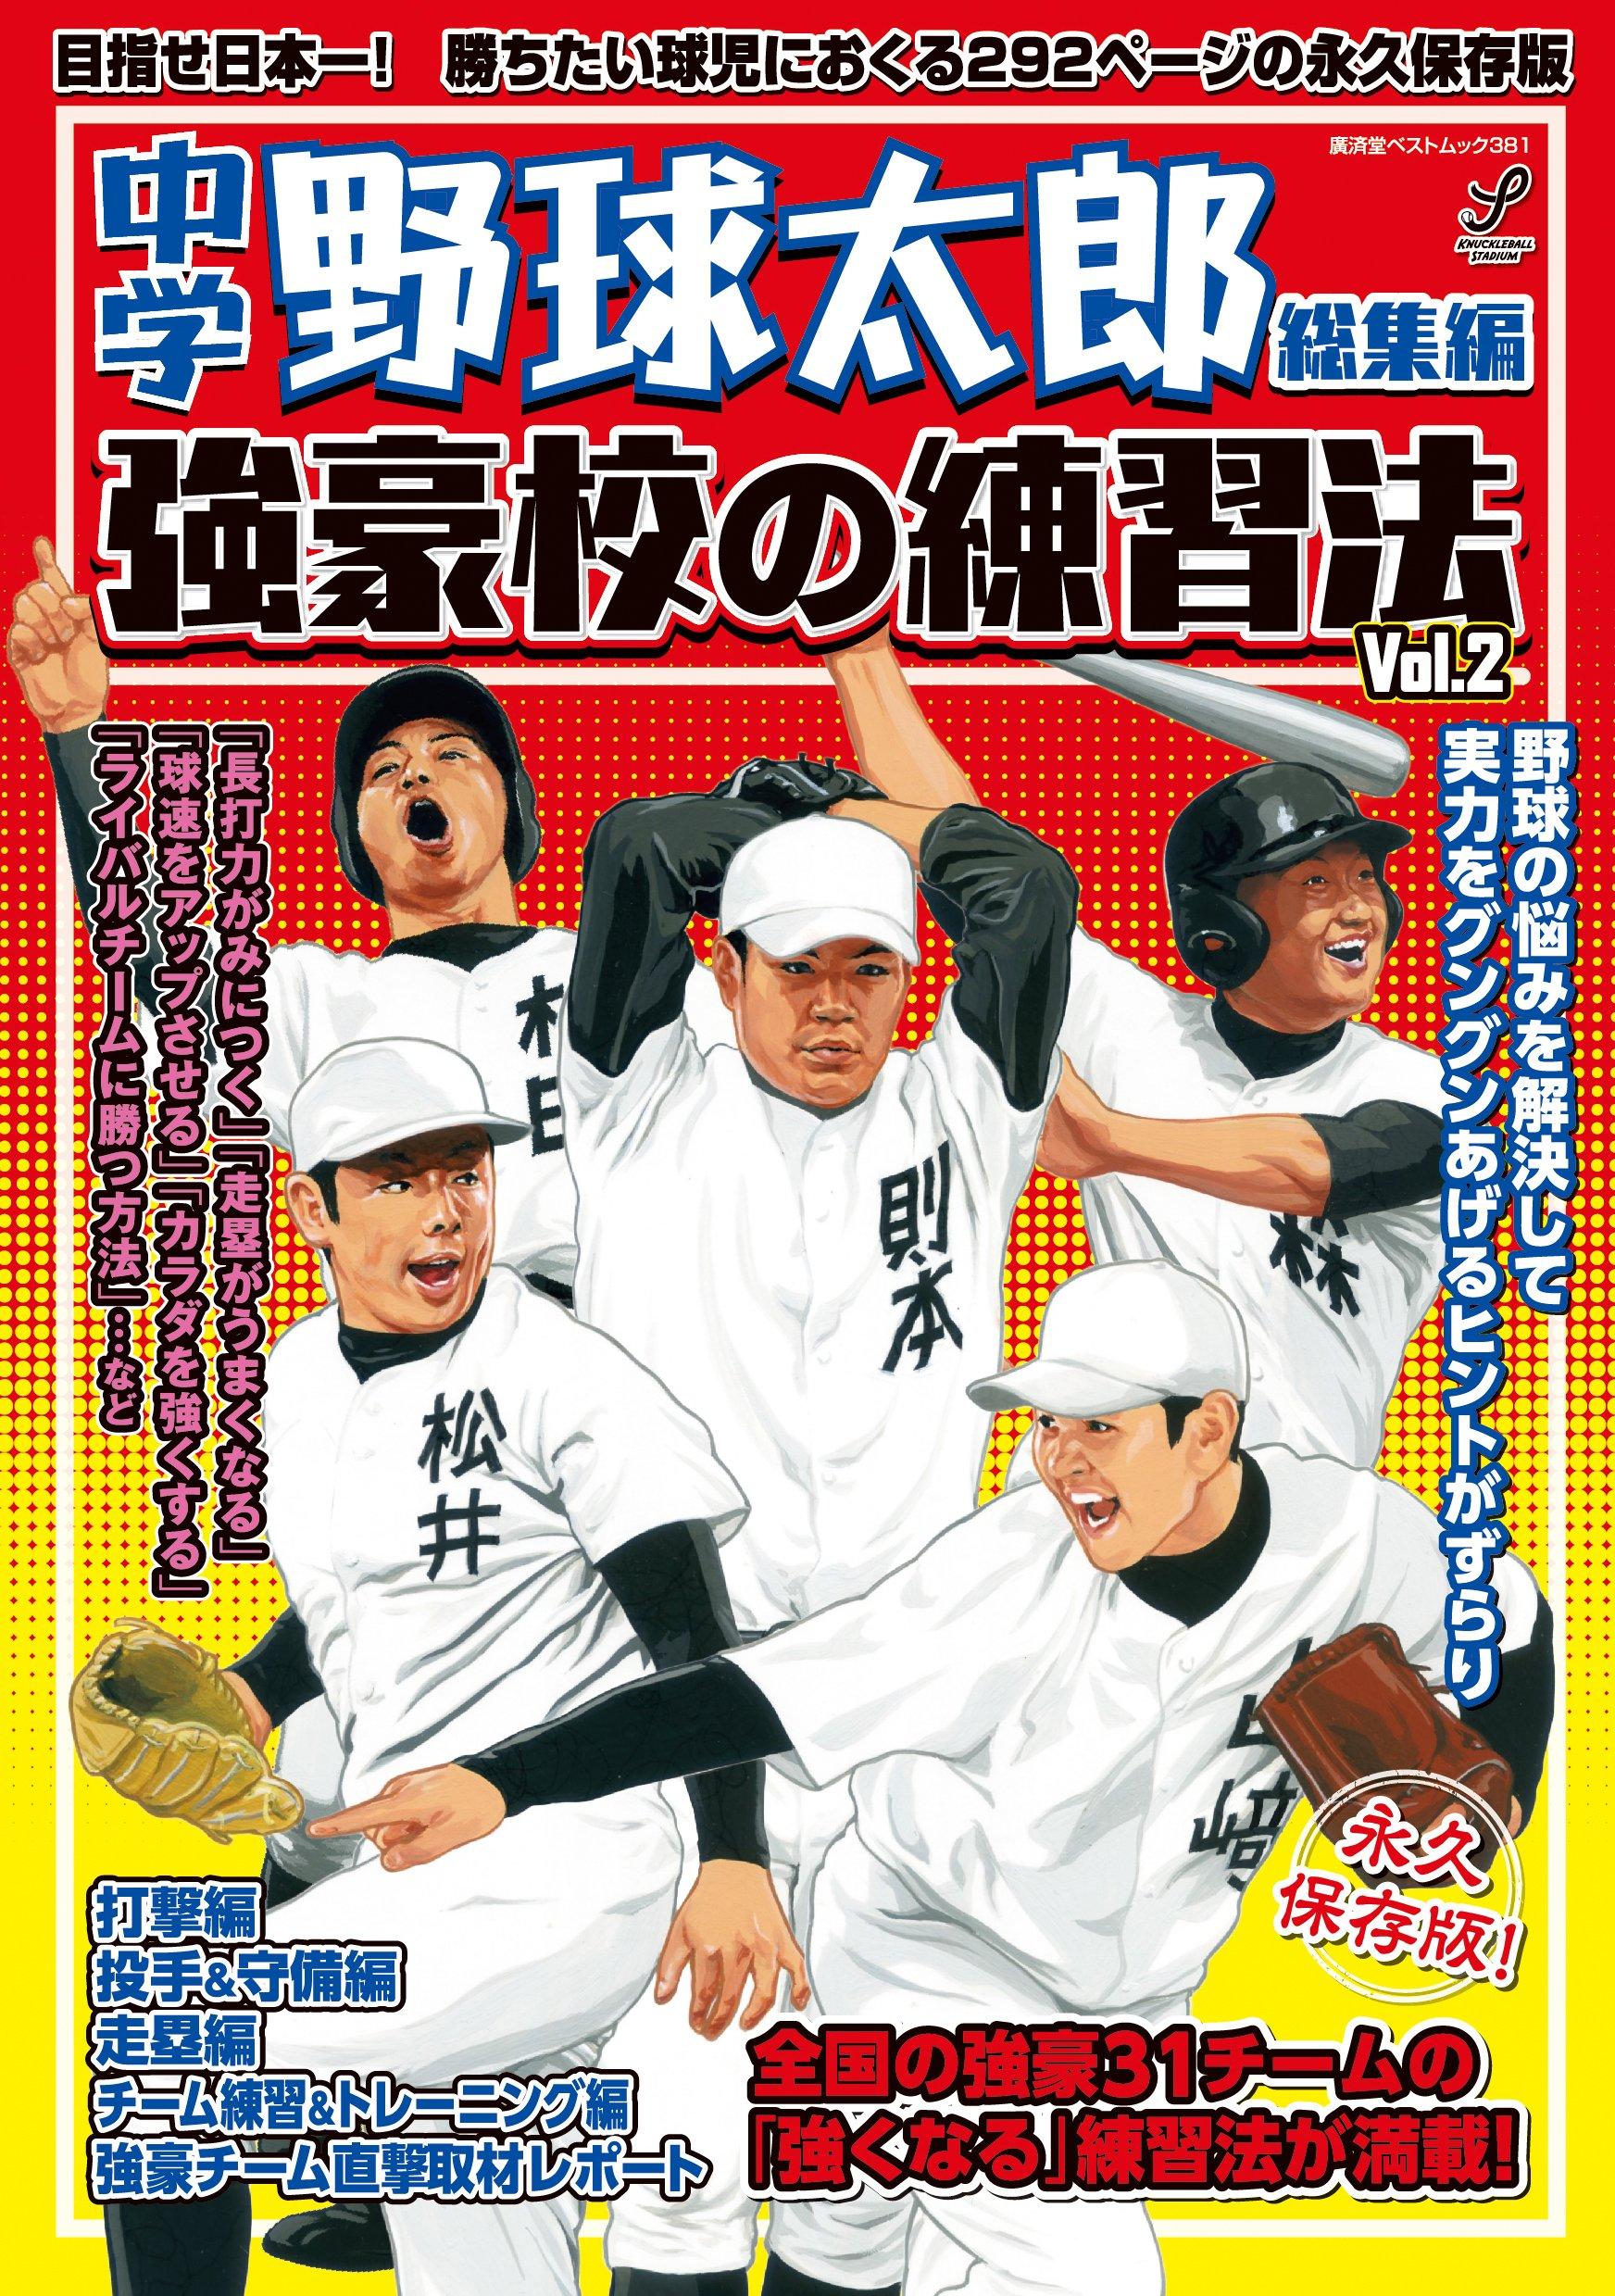 『中学野球太郎 総集編 強豪校の練習法Vol.2』2月8日発売です!/お詫びと訂正もあります